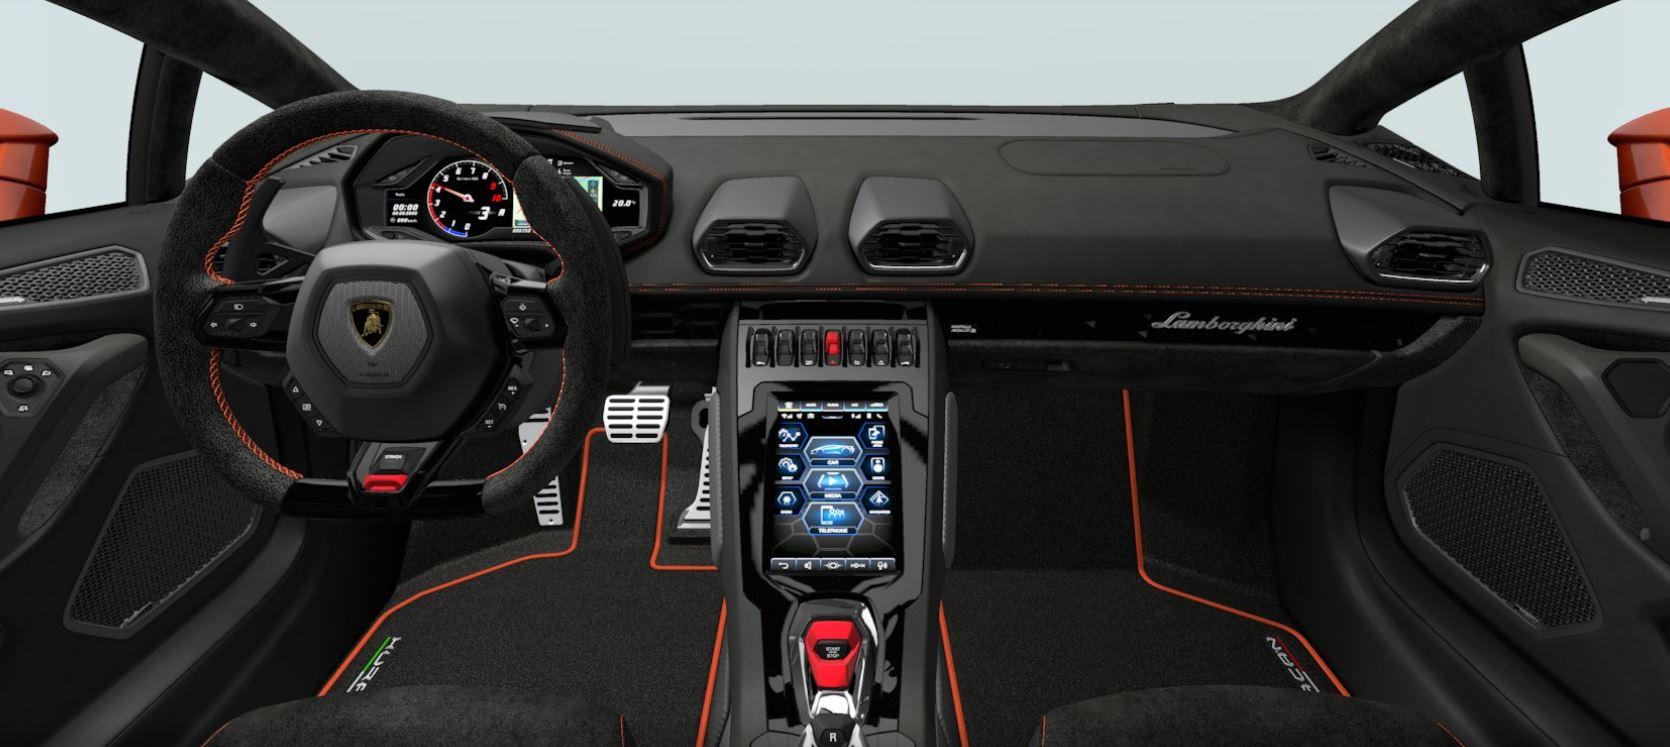 Lamborghini_Huracan_EVO_0004